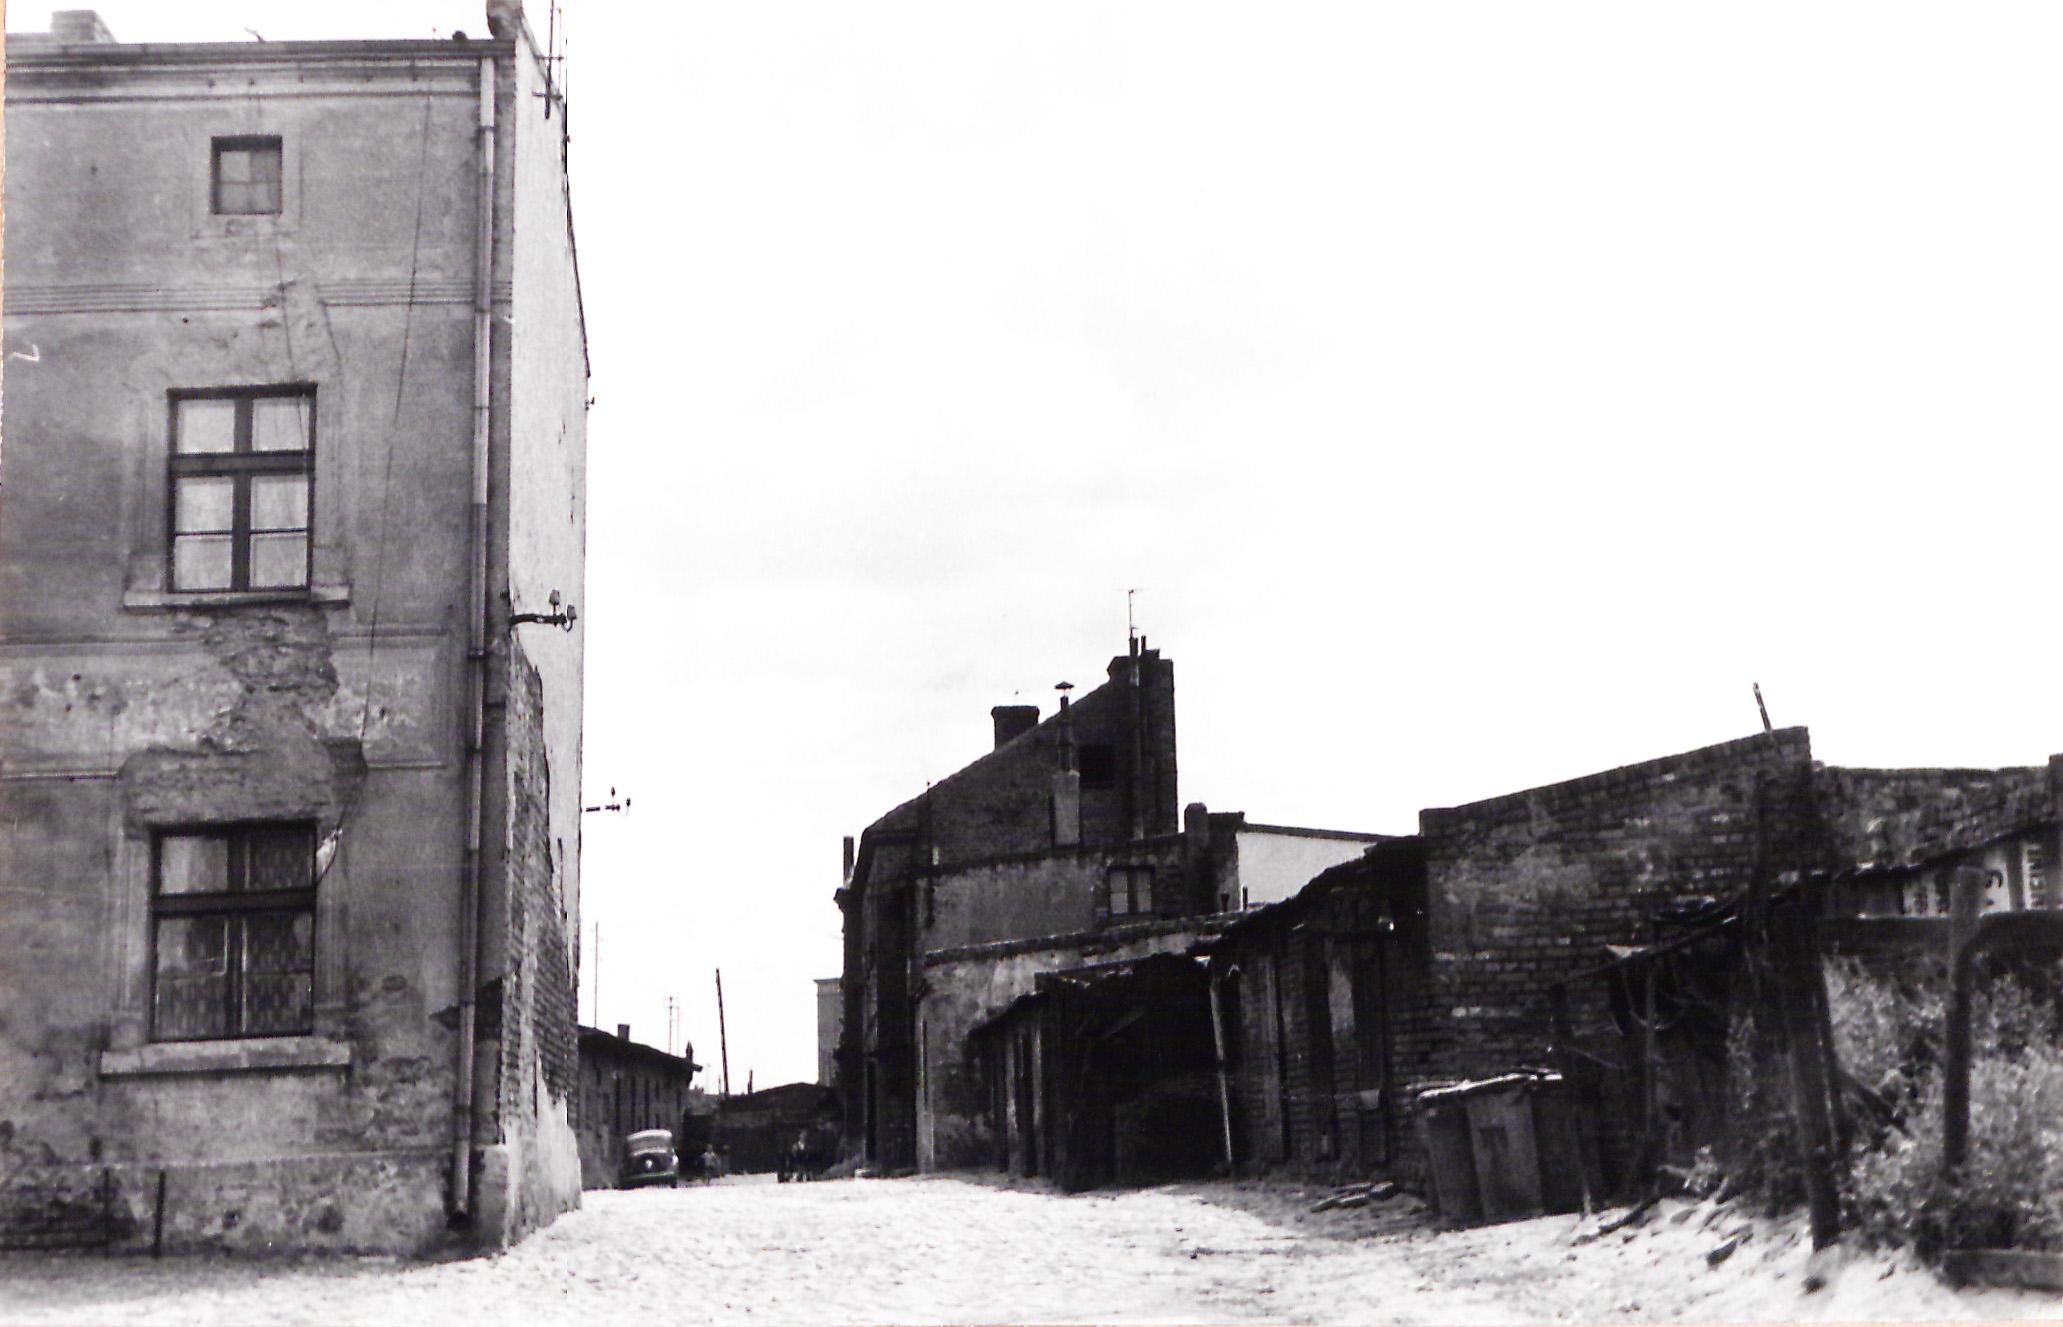 czarno-biała fotografia zabudowania brukowana ulica samochód w oddali zdjęcie zrobione w 1963 roku